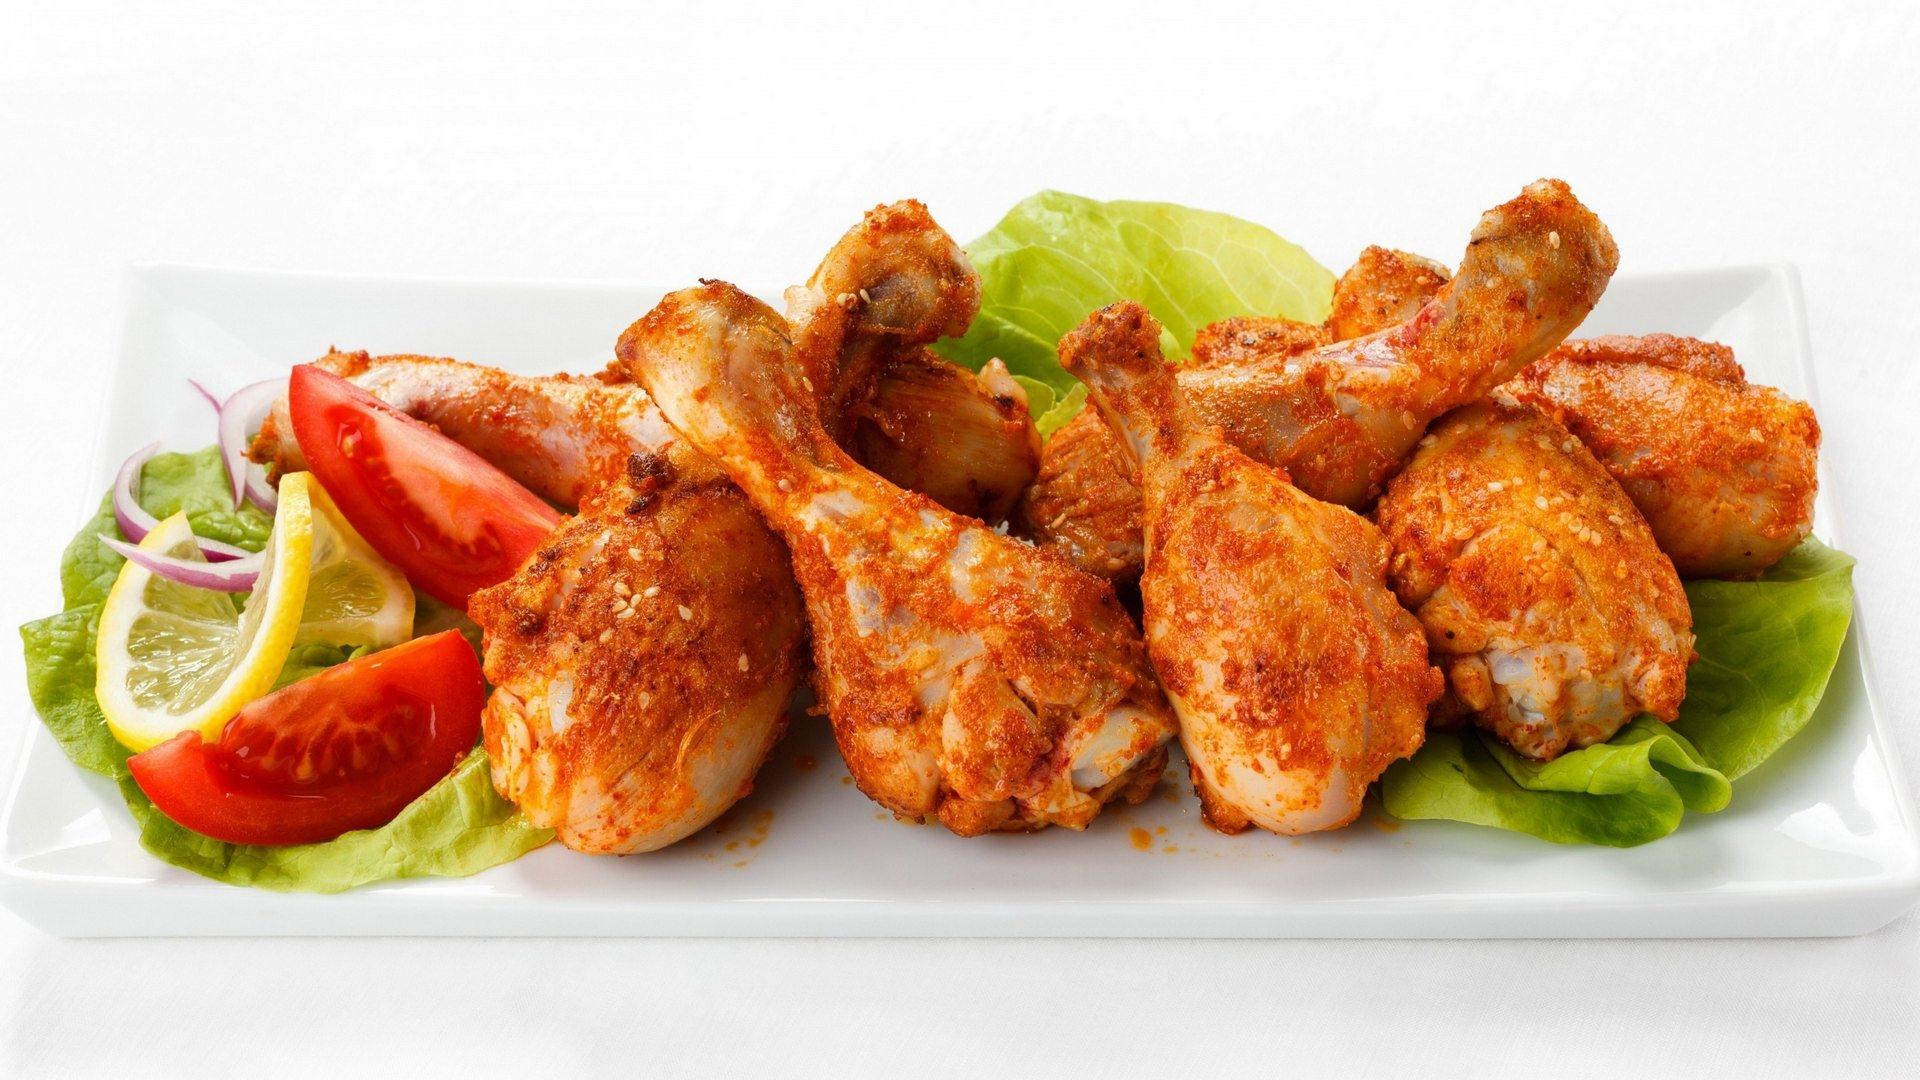 غذای پروتئینی | خوراک مرغ و سبزیجات